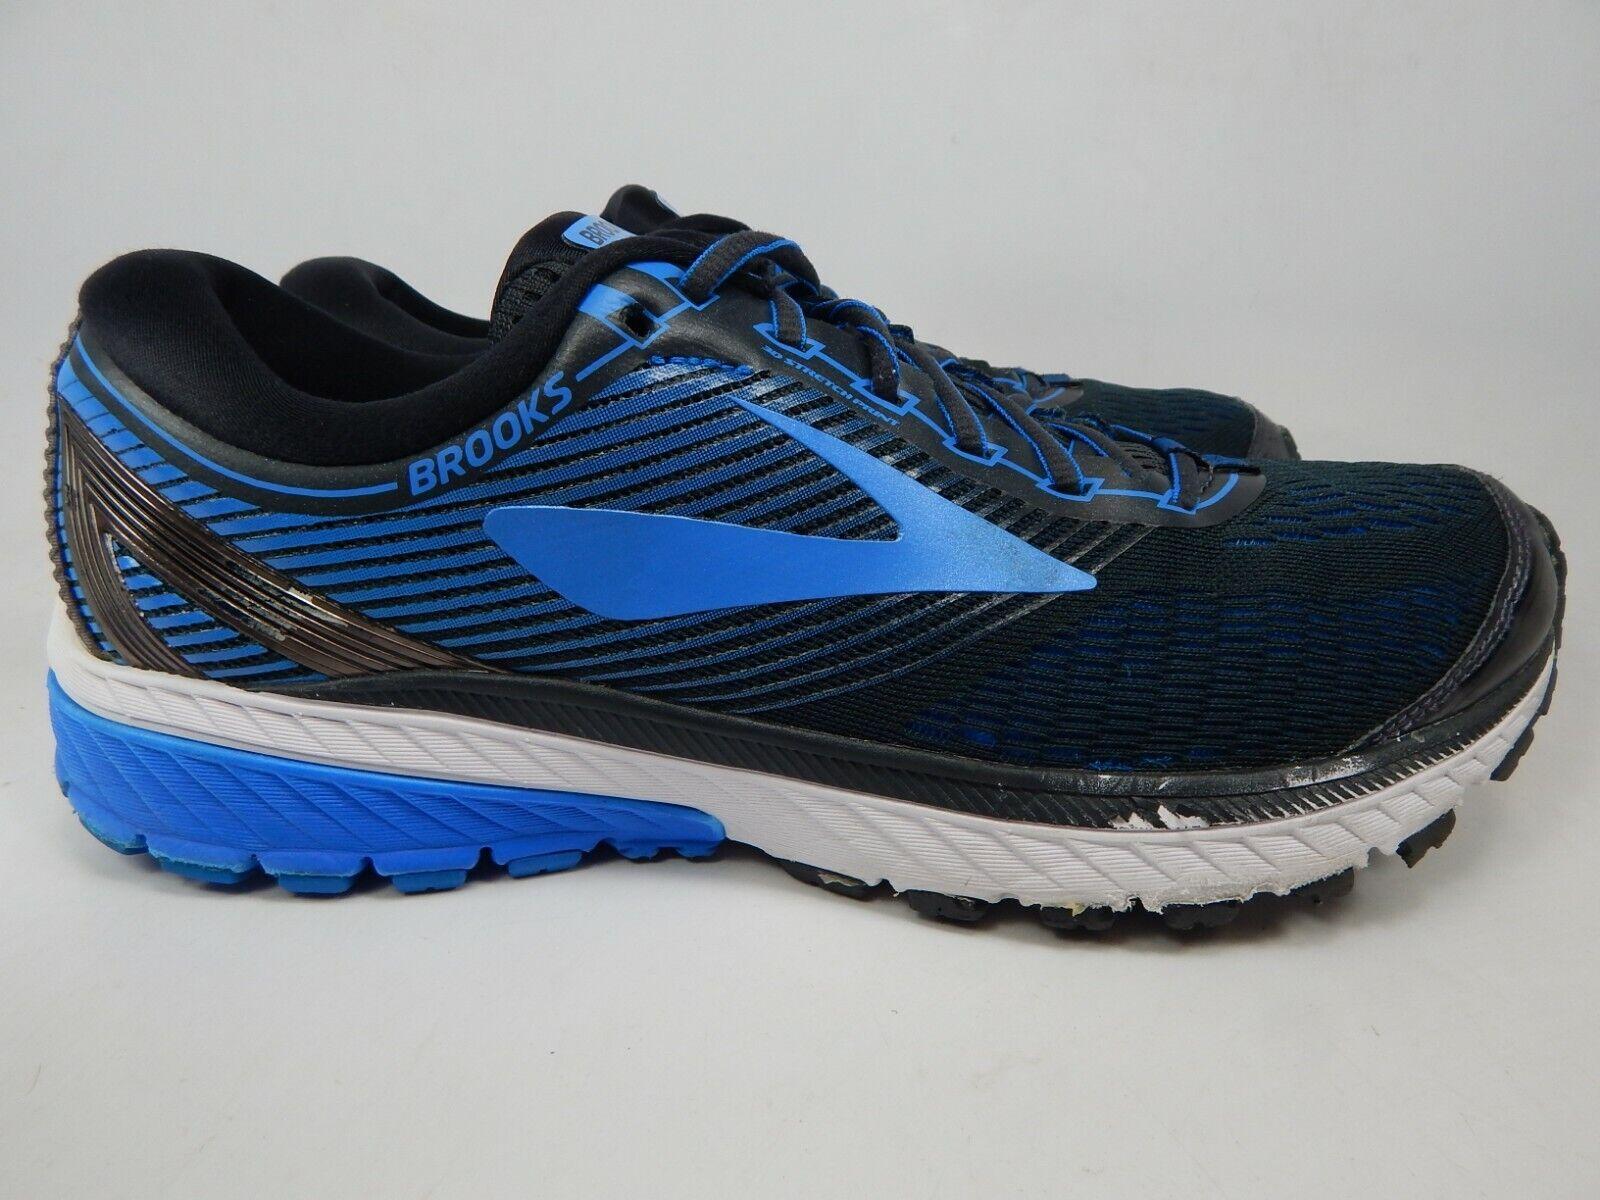 Brooks Ghost 10 tamaño nos 11.5 m (D) para hombres zapatos para correr azul 1102571D056